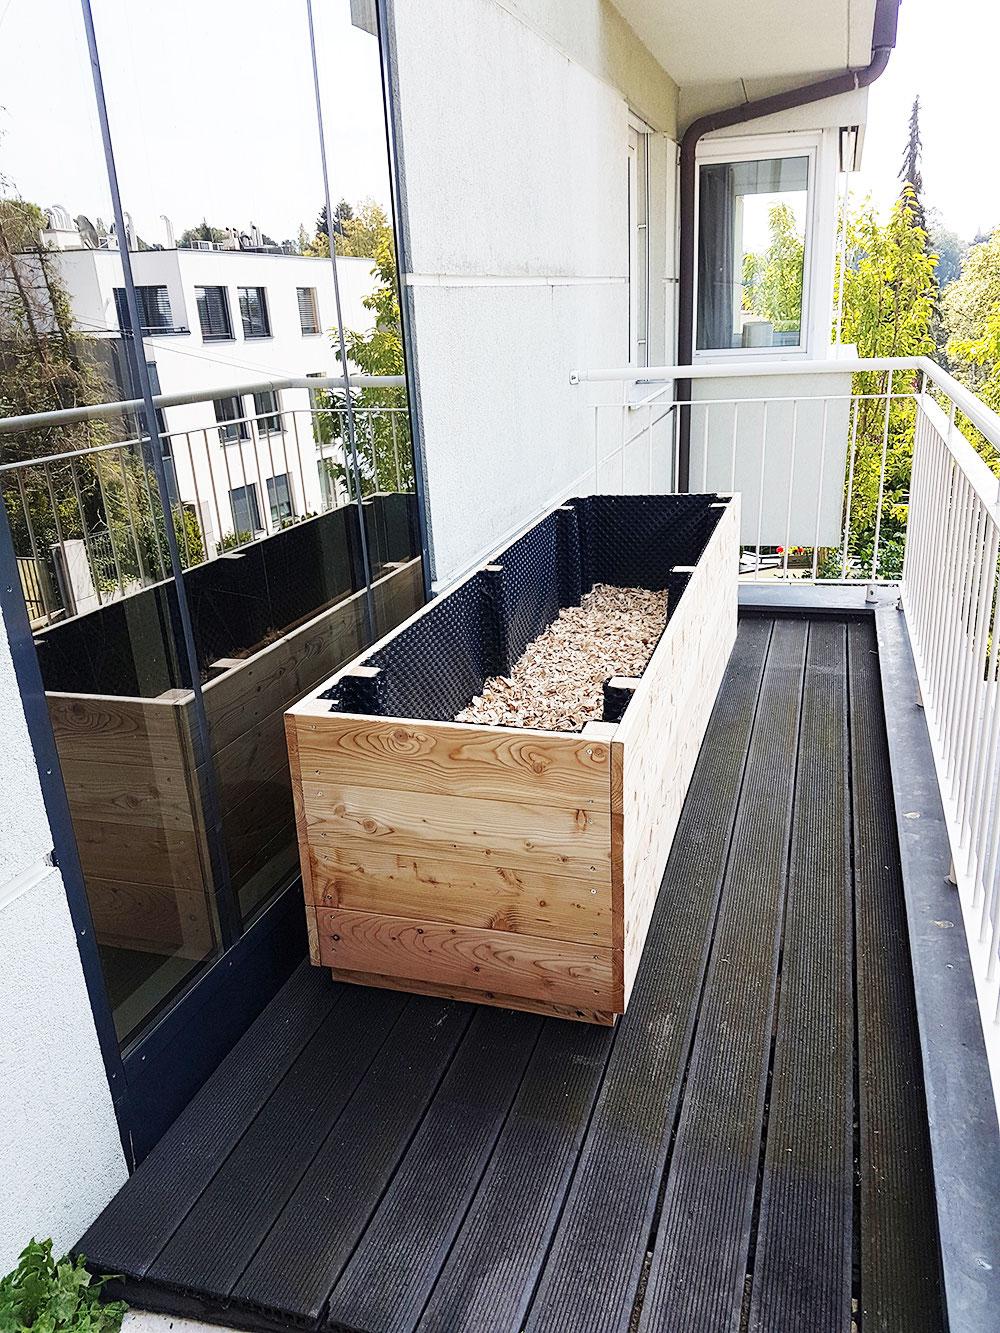 Welches Hochbeet ist für den Balkon geeignet   hochbeet profis